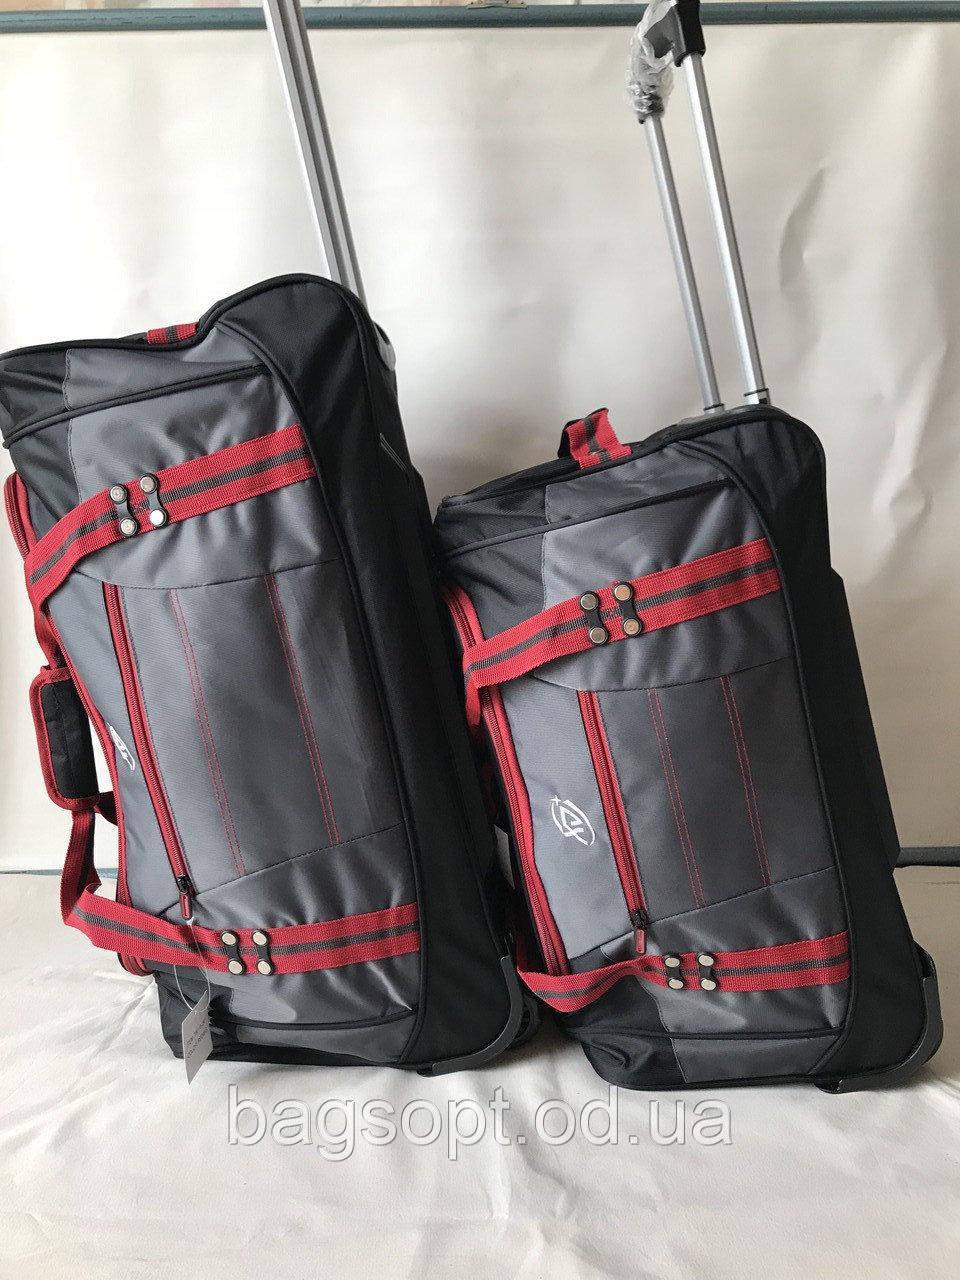 Набор (комплект) дорожных сумок на колесах для путешествий